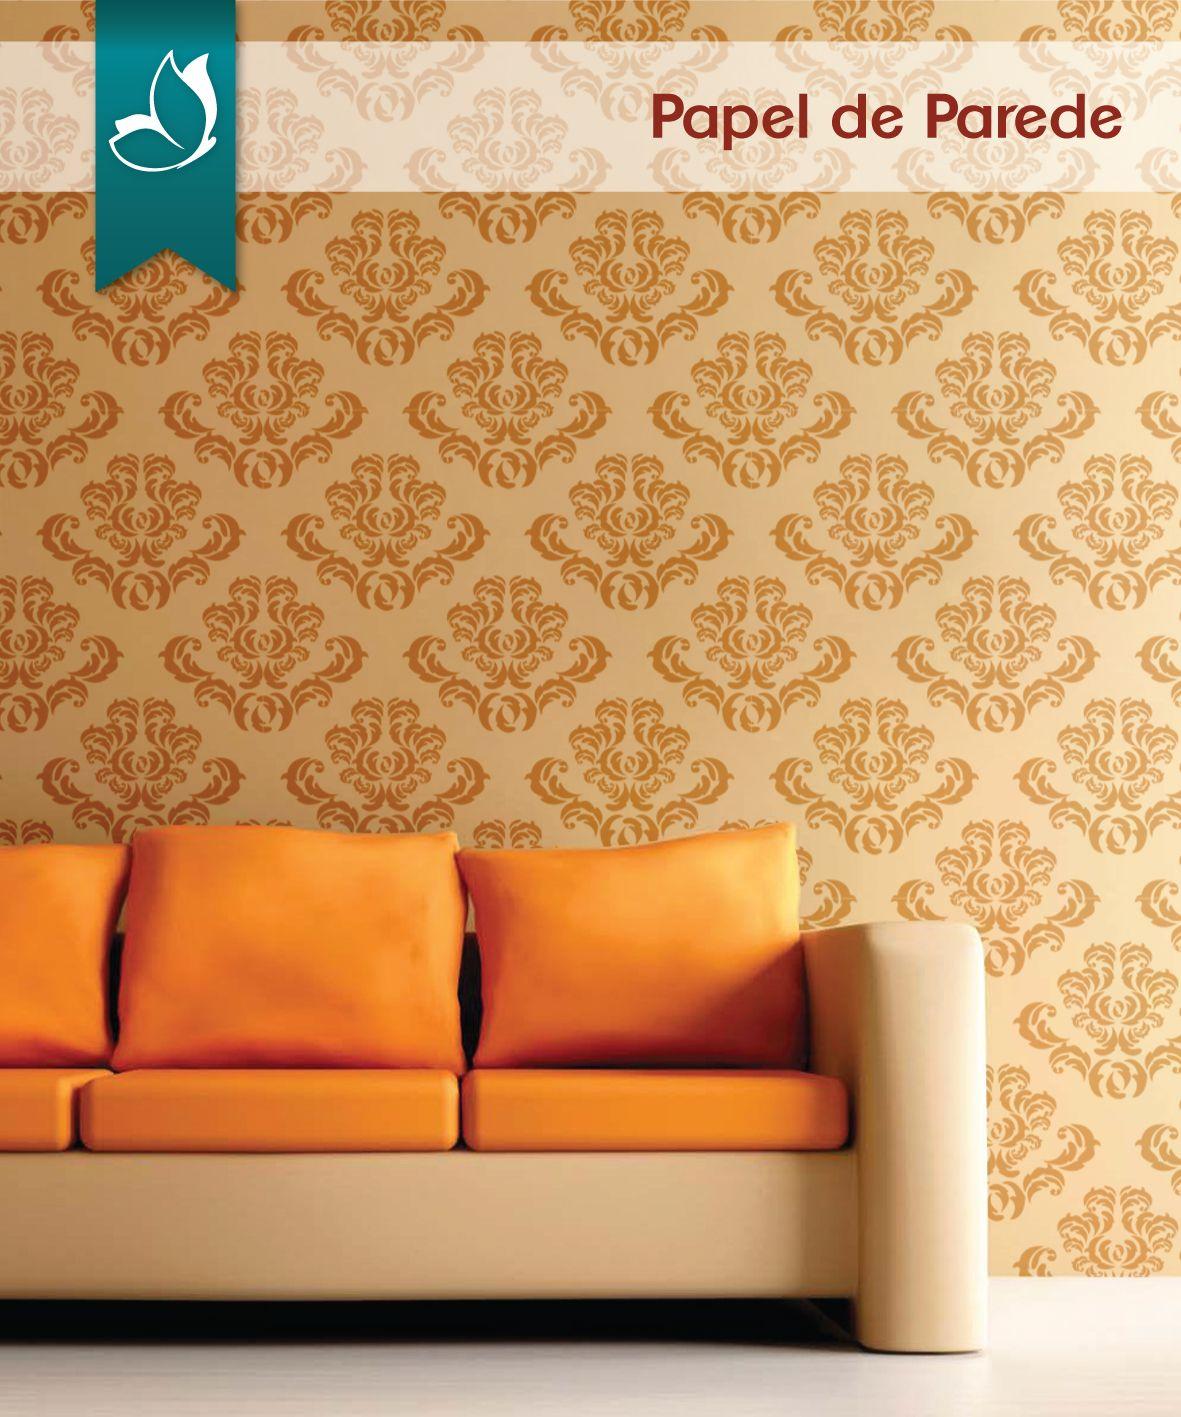 Agora com os papeis de parede auto adesivos, ficou ainda mais fácil de aplicar e renovar a decoração.    Acesse e decore!  http://www.vocedecoramais.com.br/papel-de-parede-para-decoracao